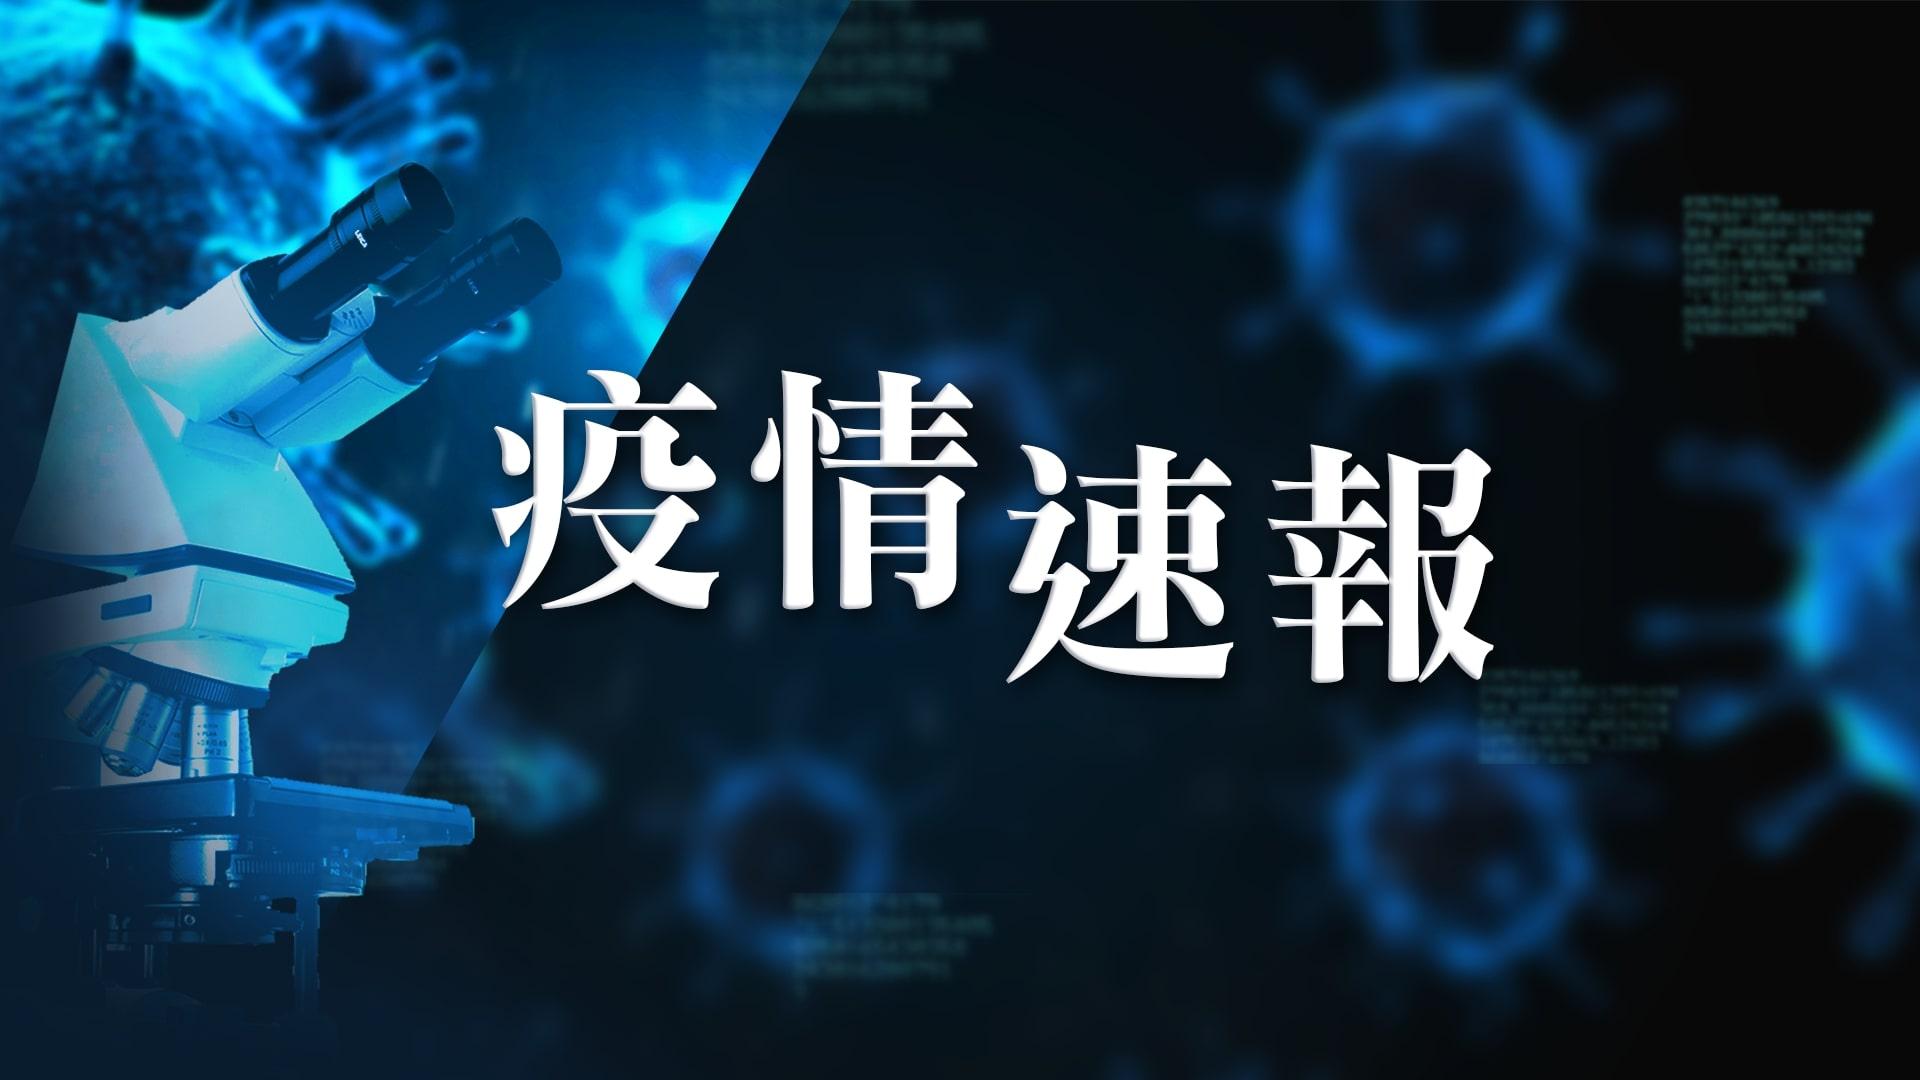 【10月29日疫情速報】(10:00)